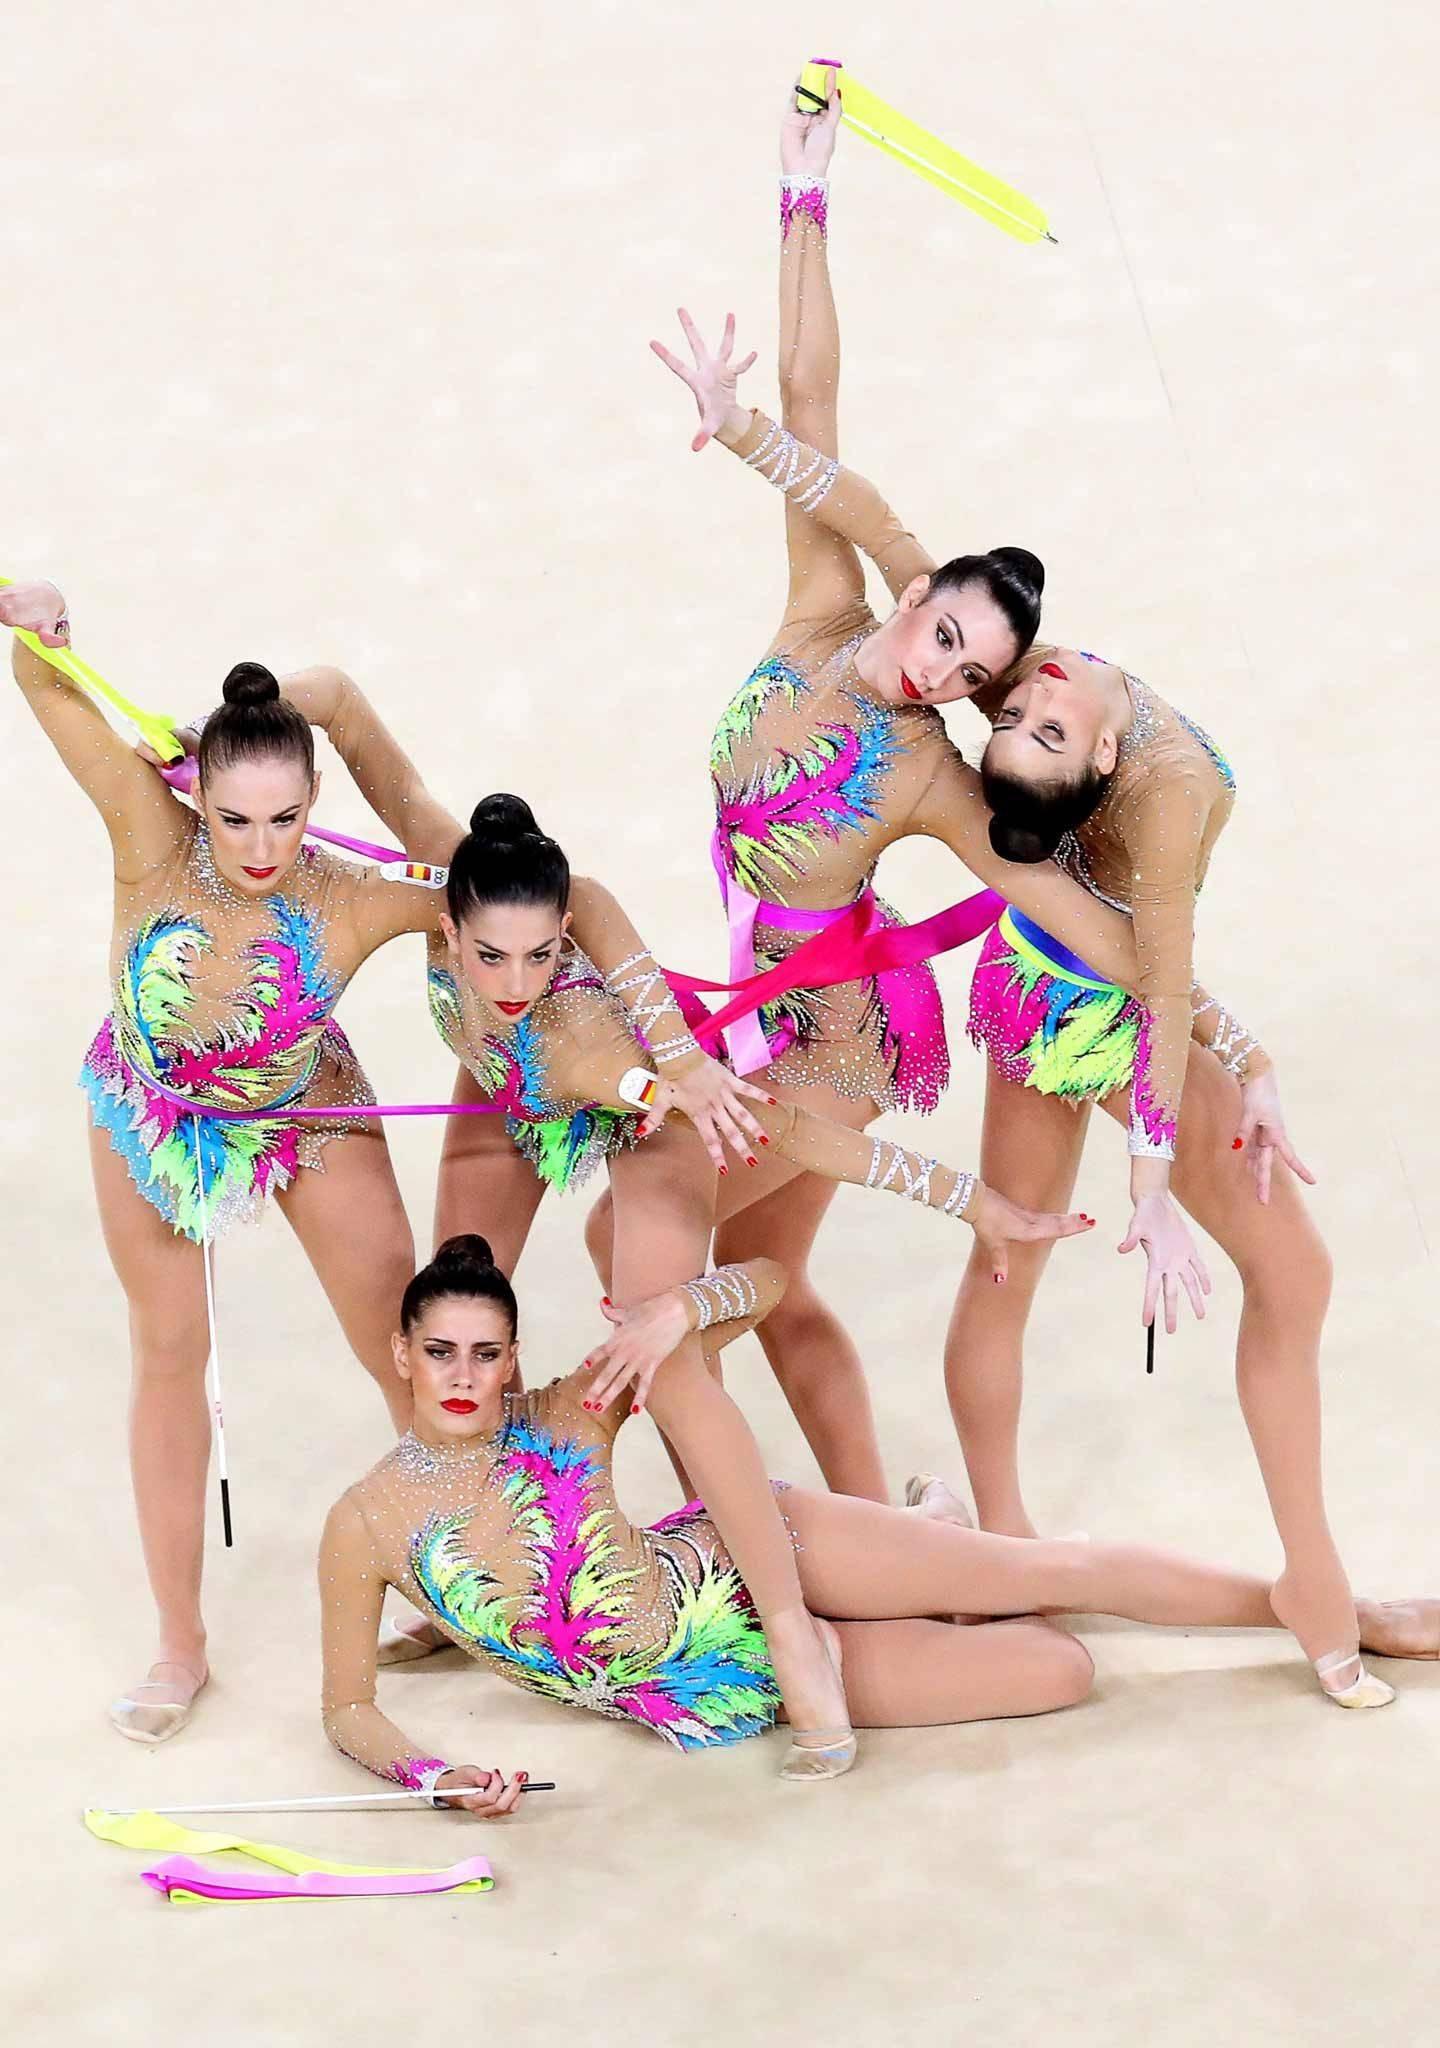 Что такое эстетическая гимнастика: в чем отличия от художественной?